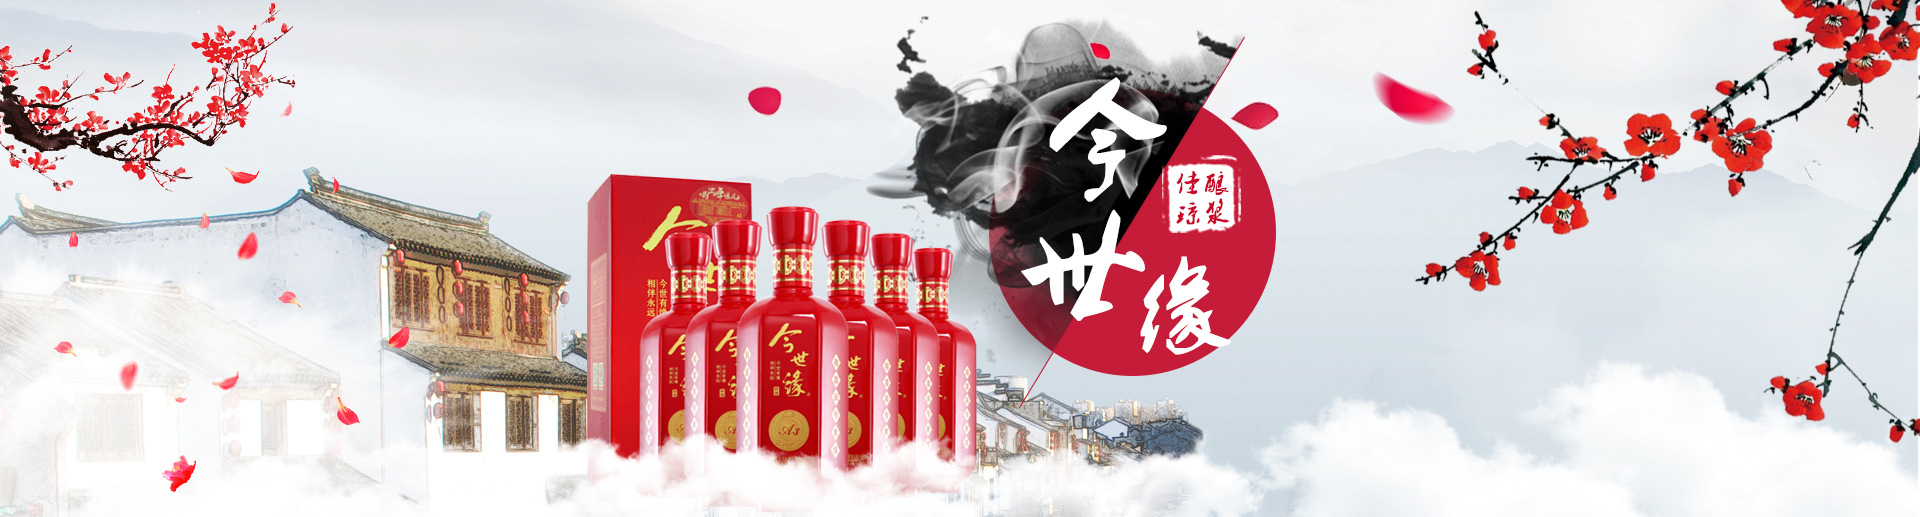 江苏今世缘酒业股份有限公司